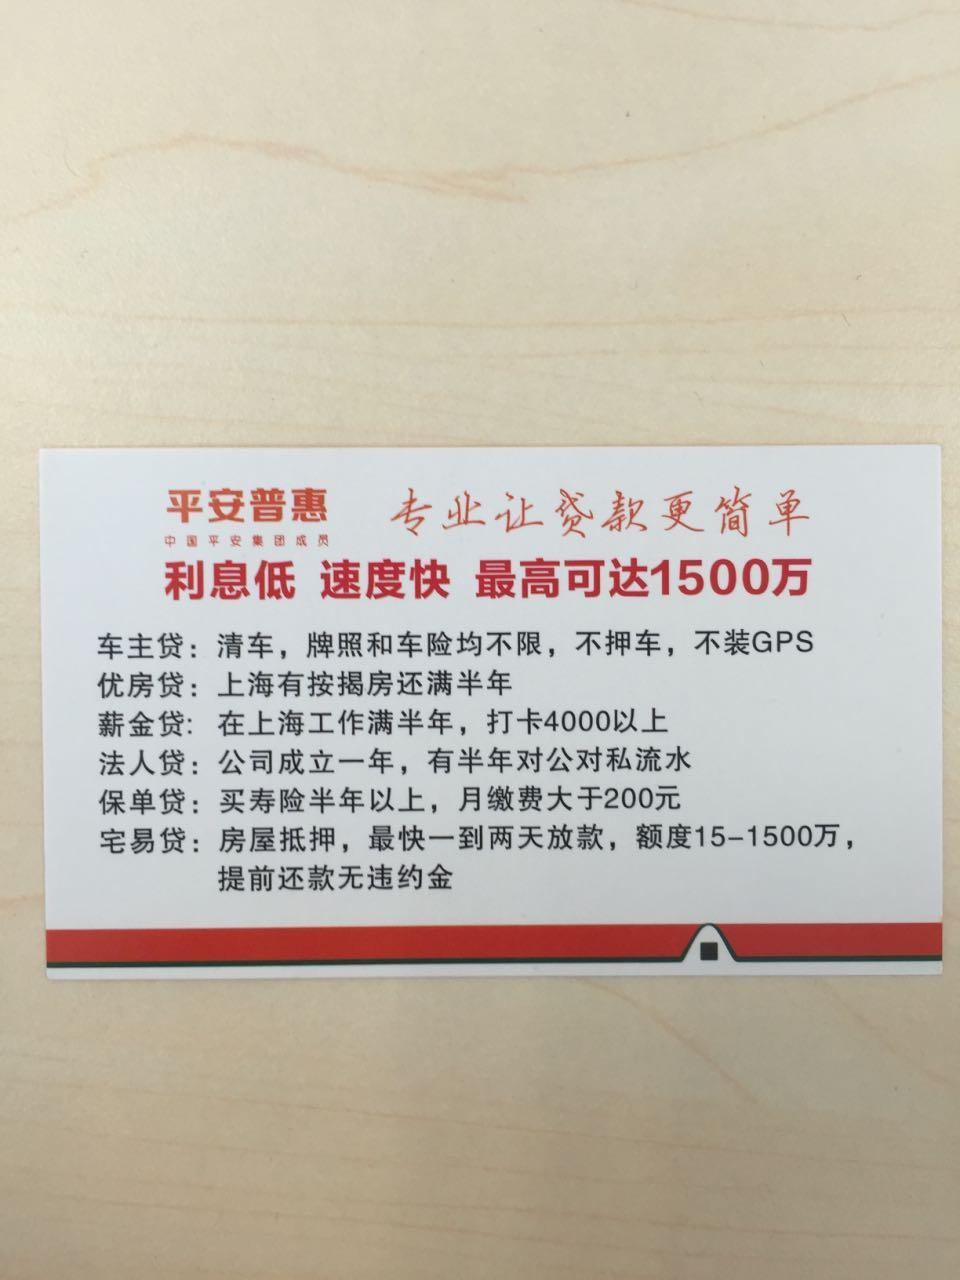 来自王*发布的供应信息:平安普惠,专业!... - 平安普惠投资咨询有限公司上海民生路第二分公司